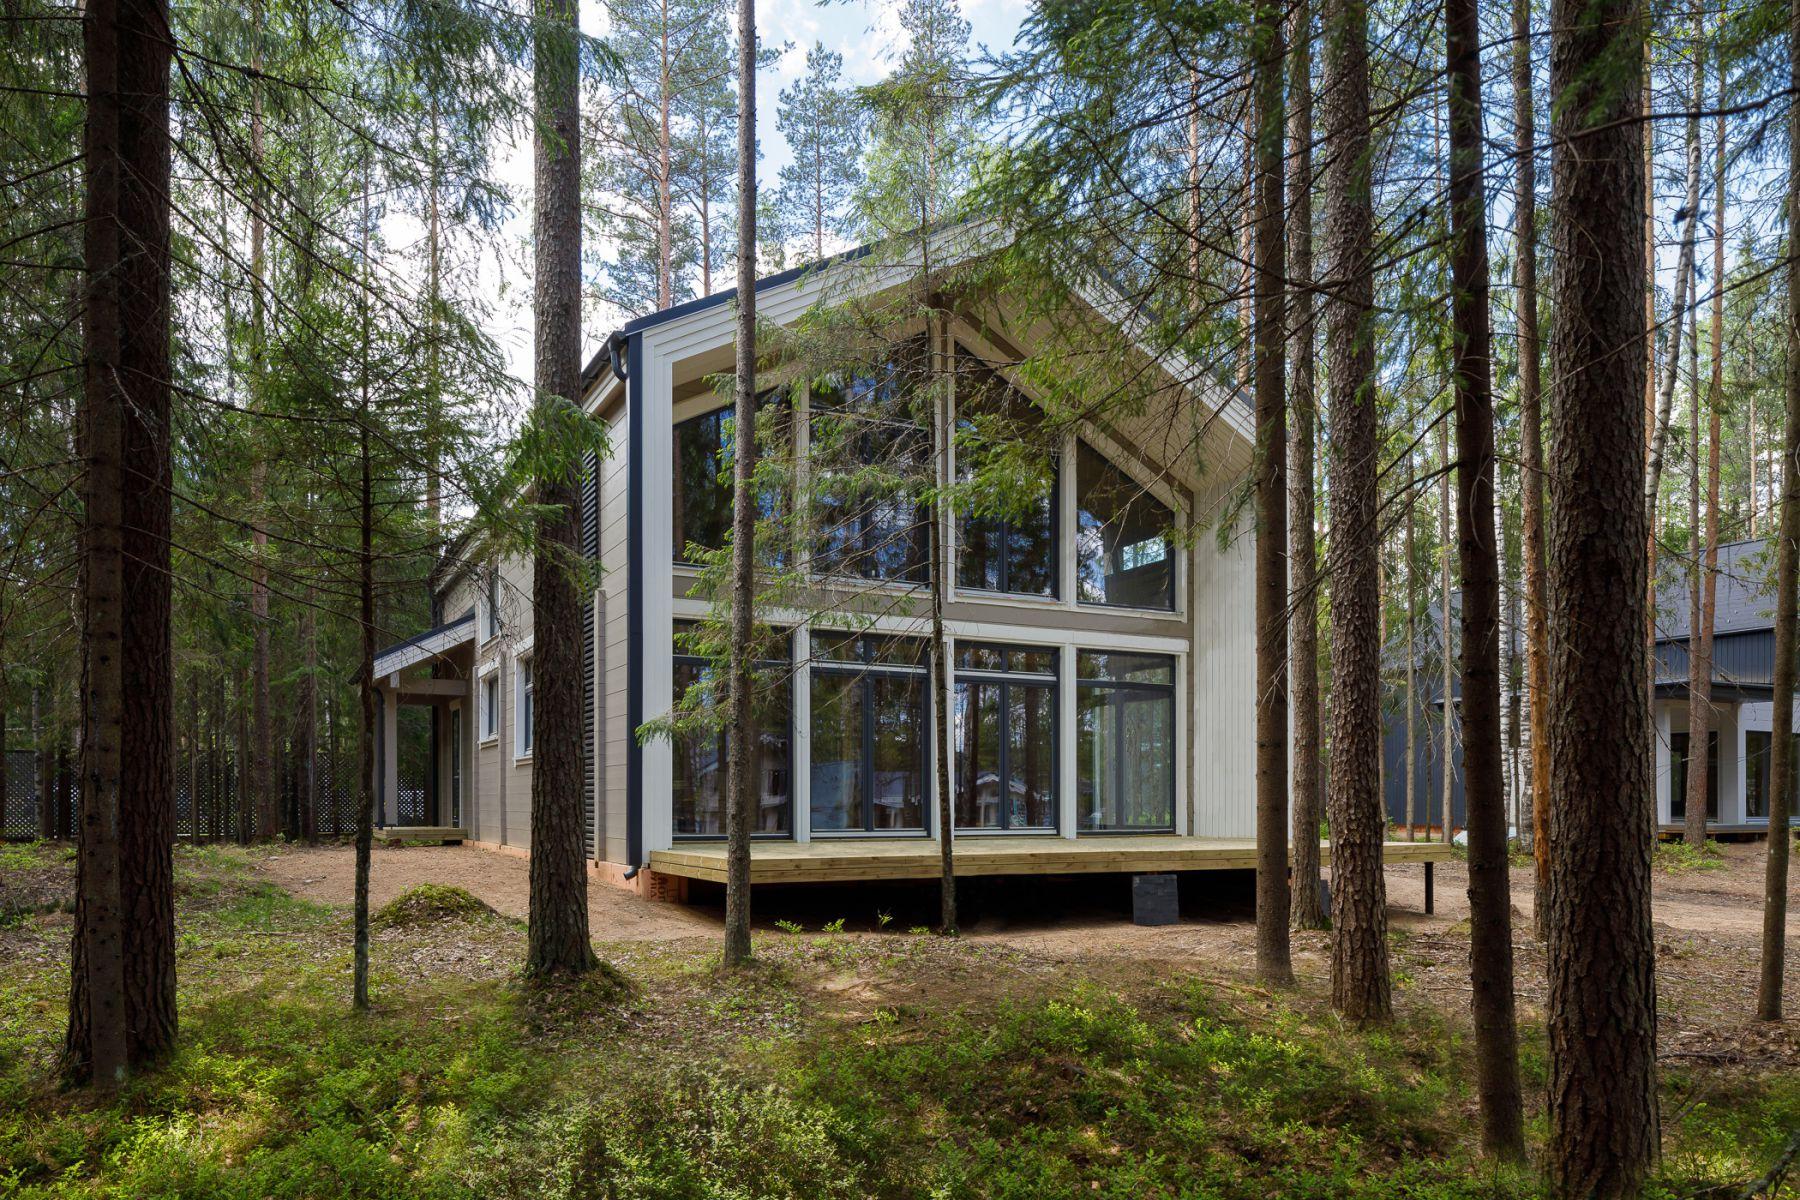 Дом на участке № 73a в КП «Медное Озеро 2» (Санкт-Петербург)